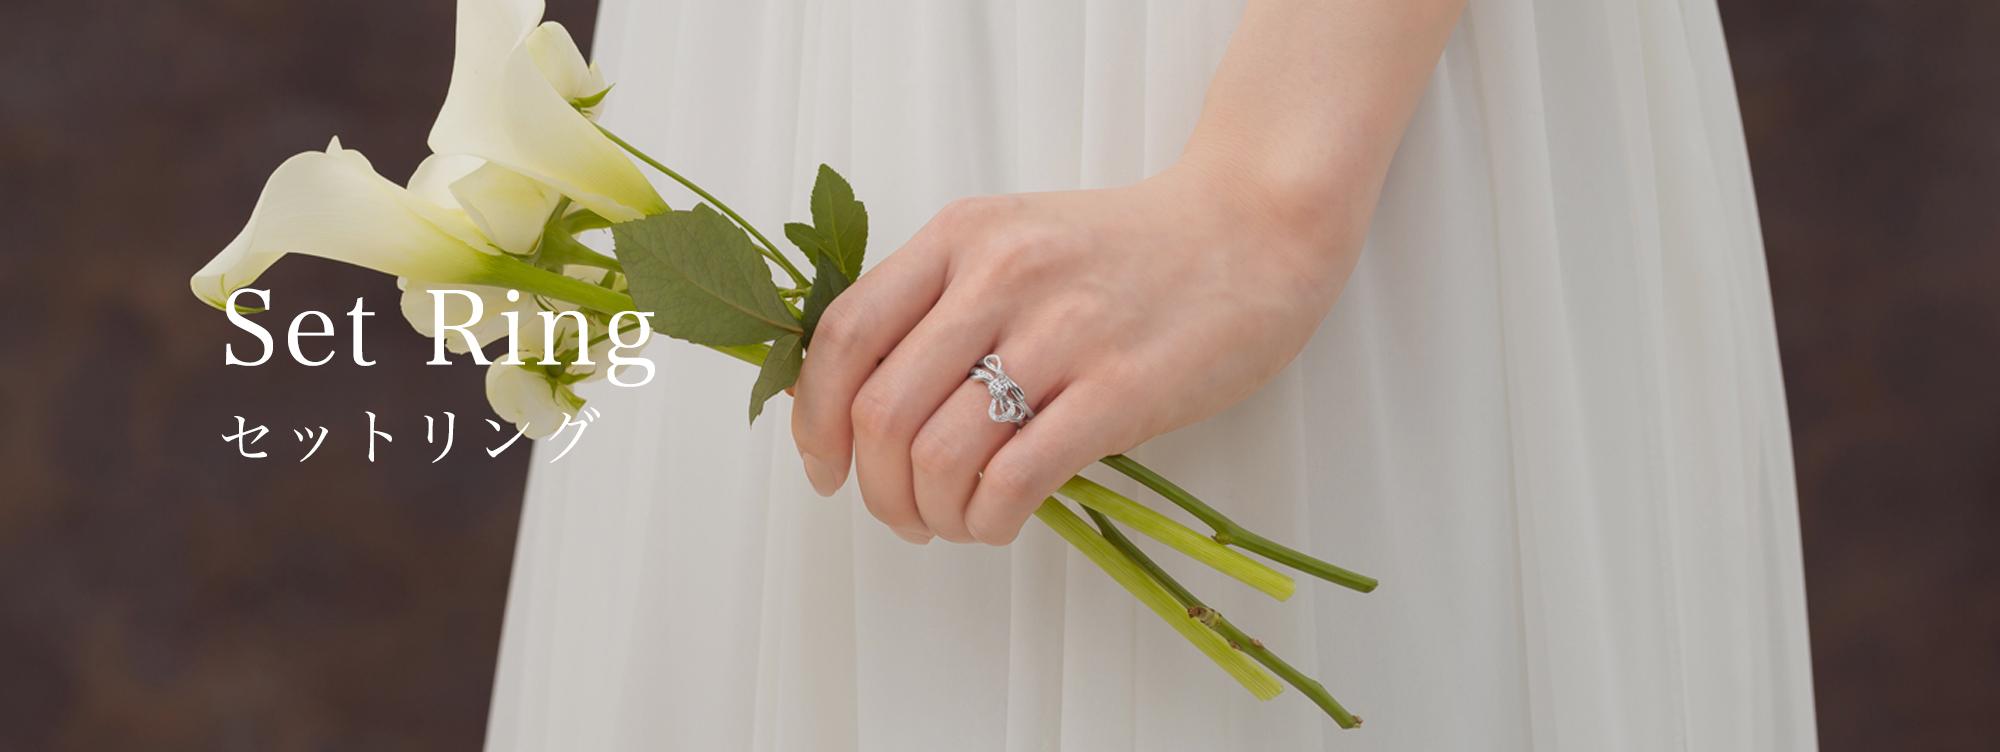 Set Ring 婚約指輪 結婚指輪 セットリング